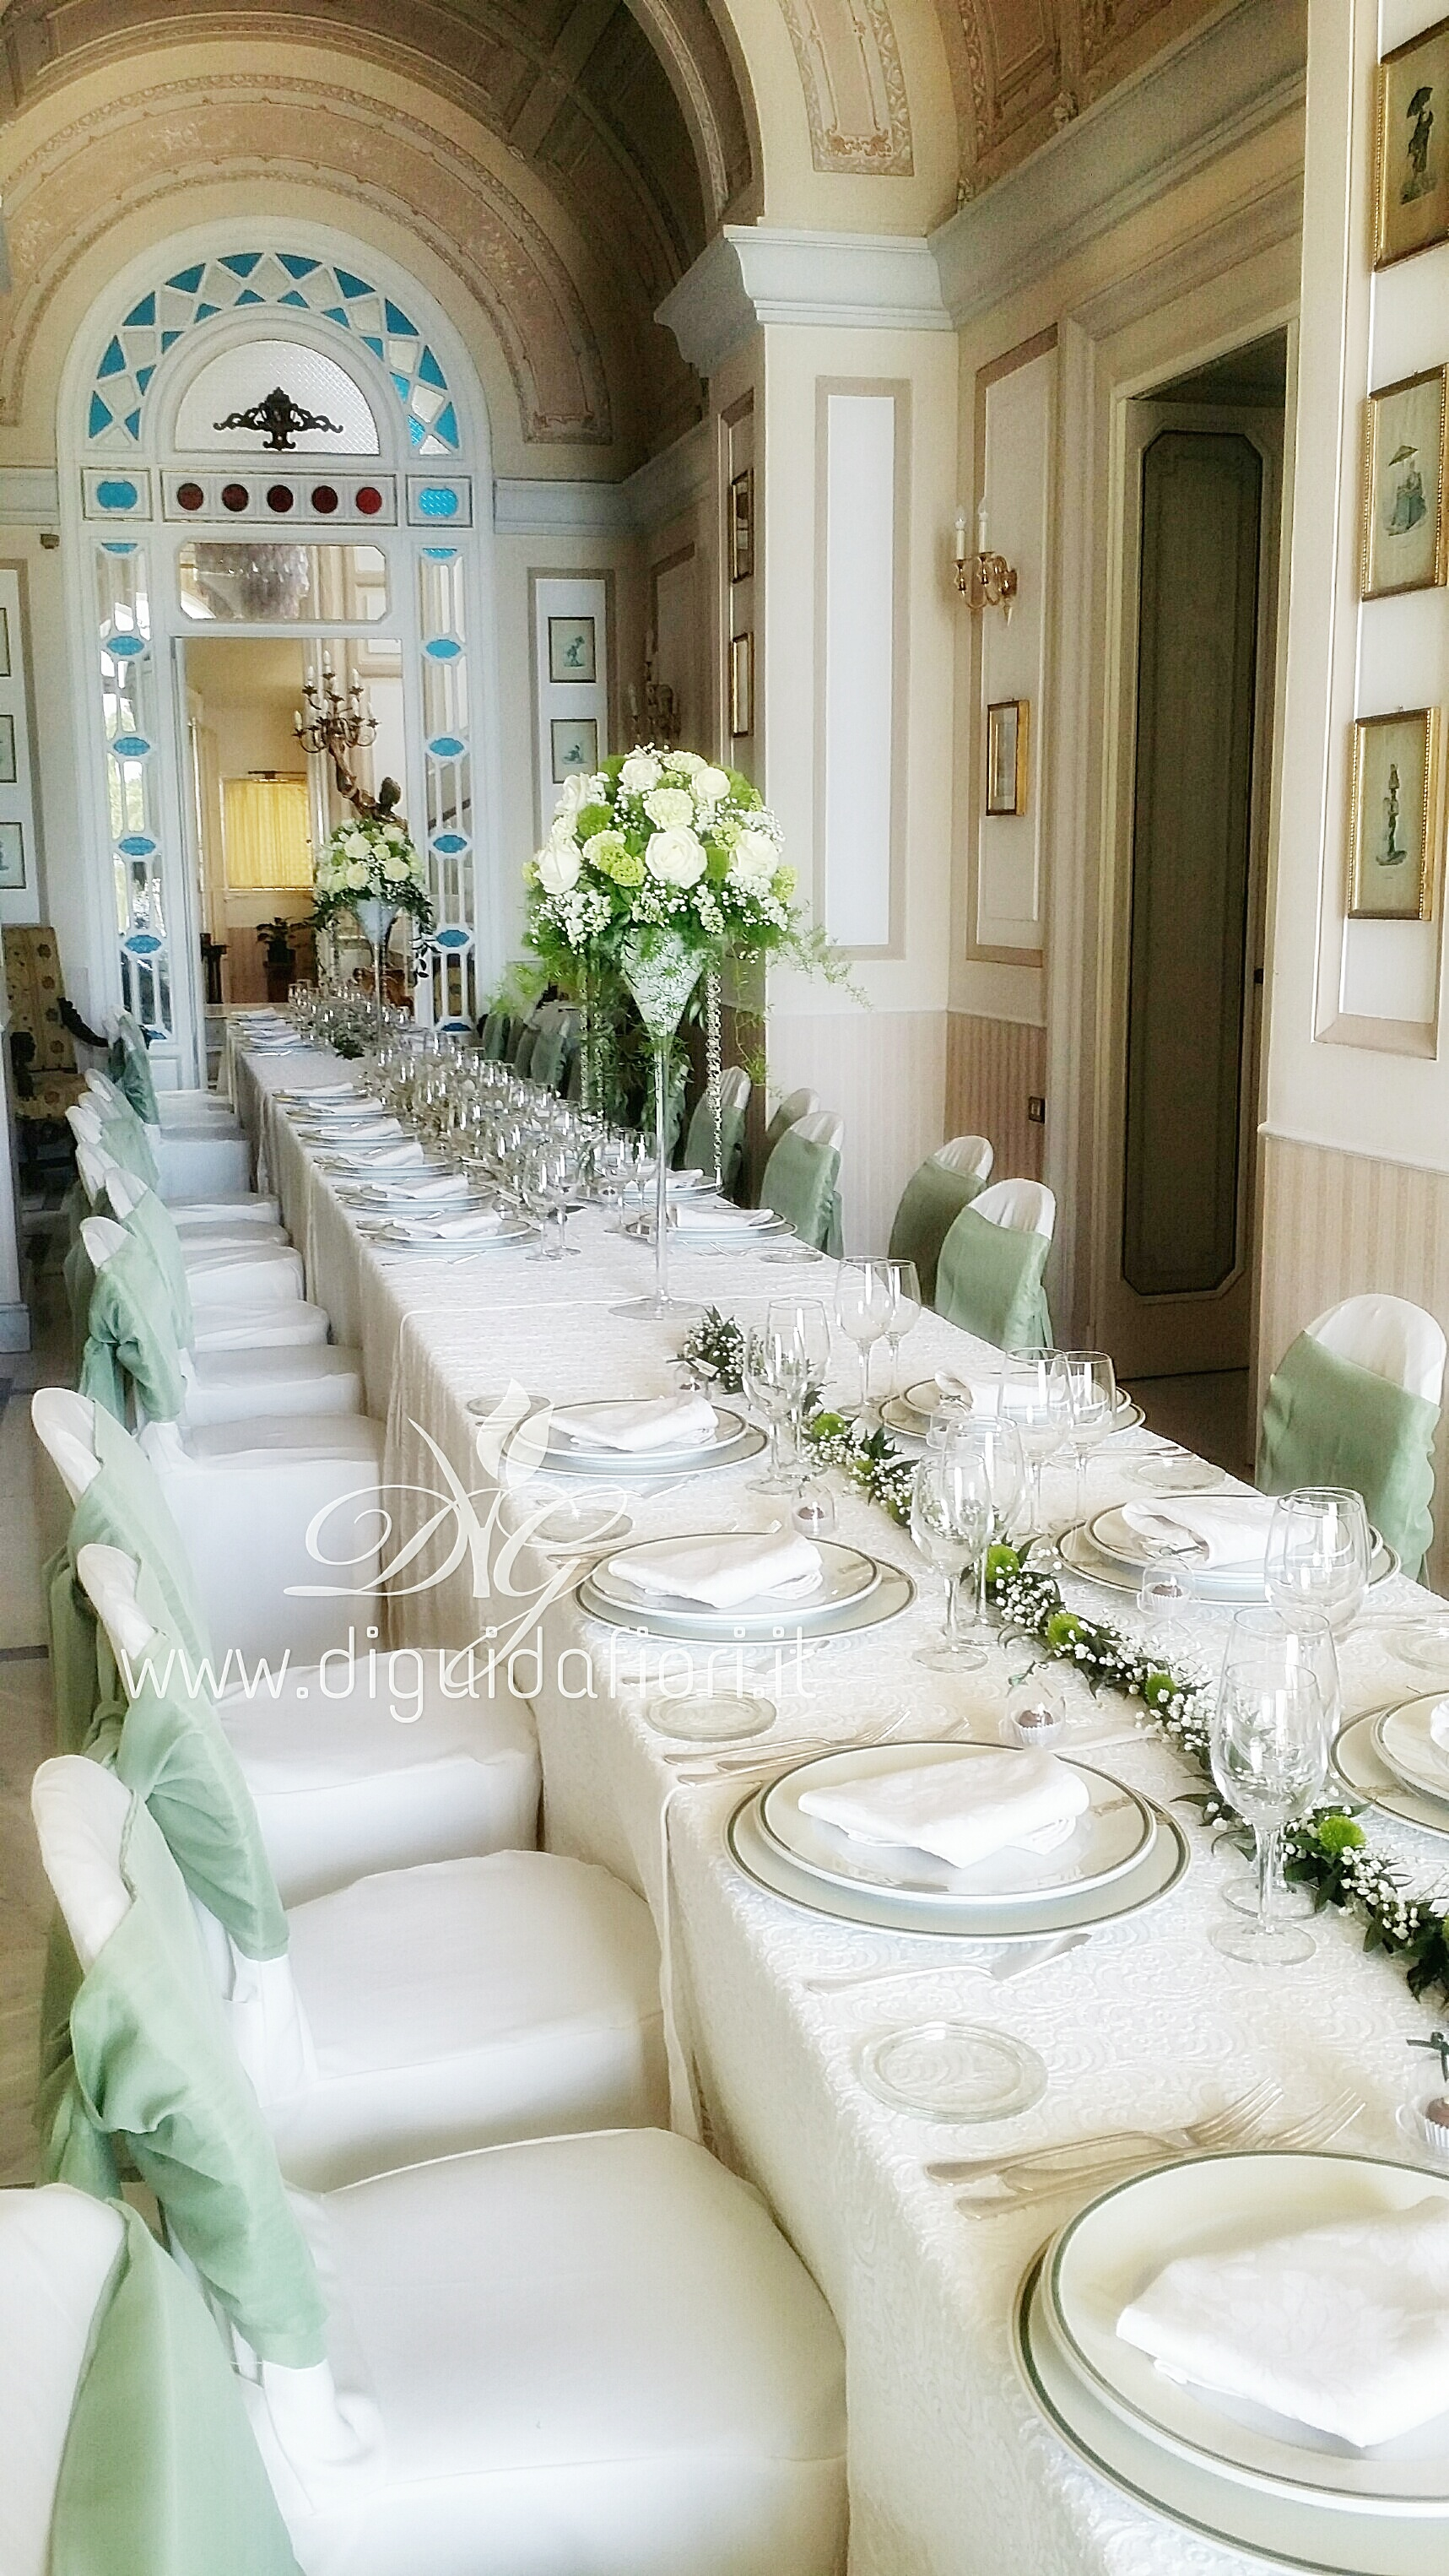 Tavolo imperiale per matrimonio villa cilento posillipo napoli fiorista roberto di guida - Composizioni floreali per tavoli ...